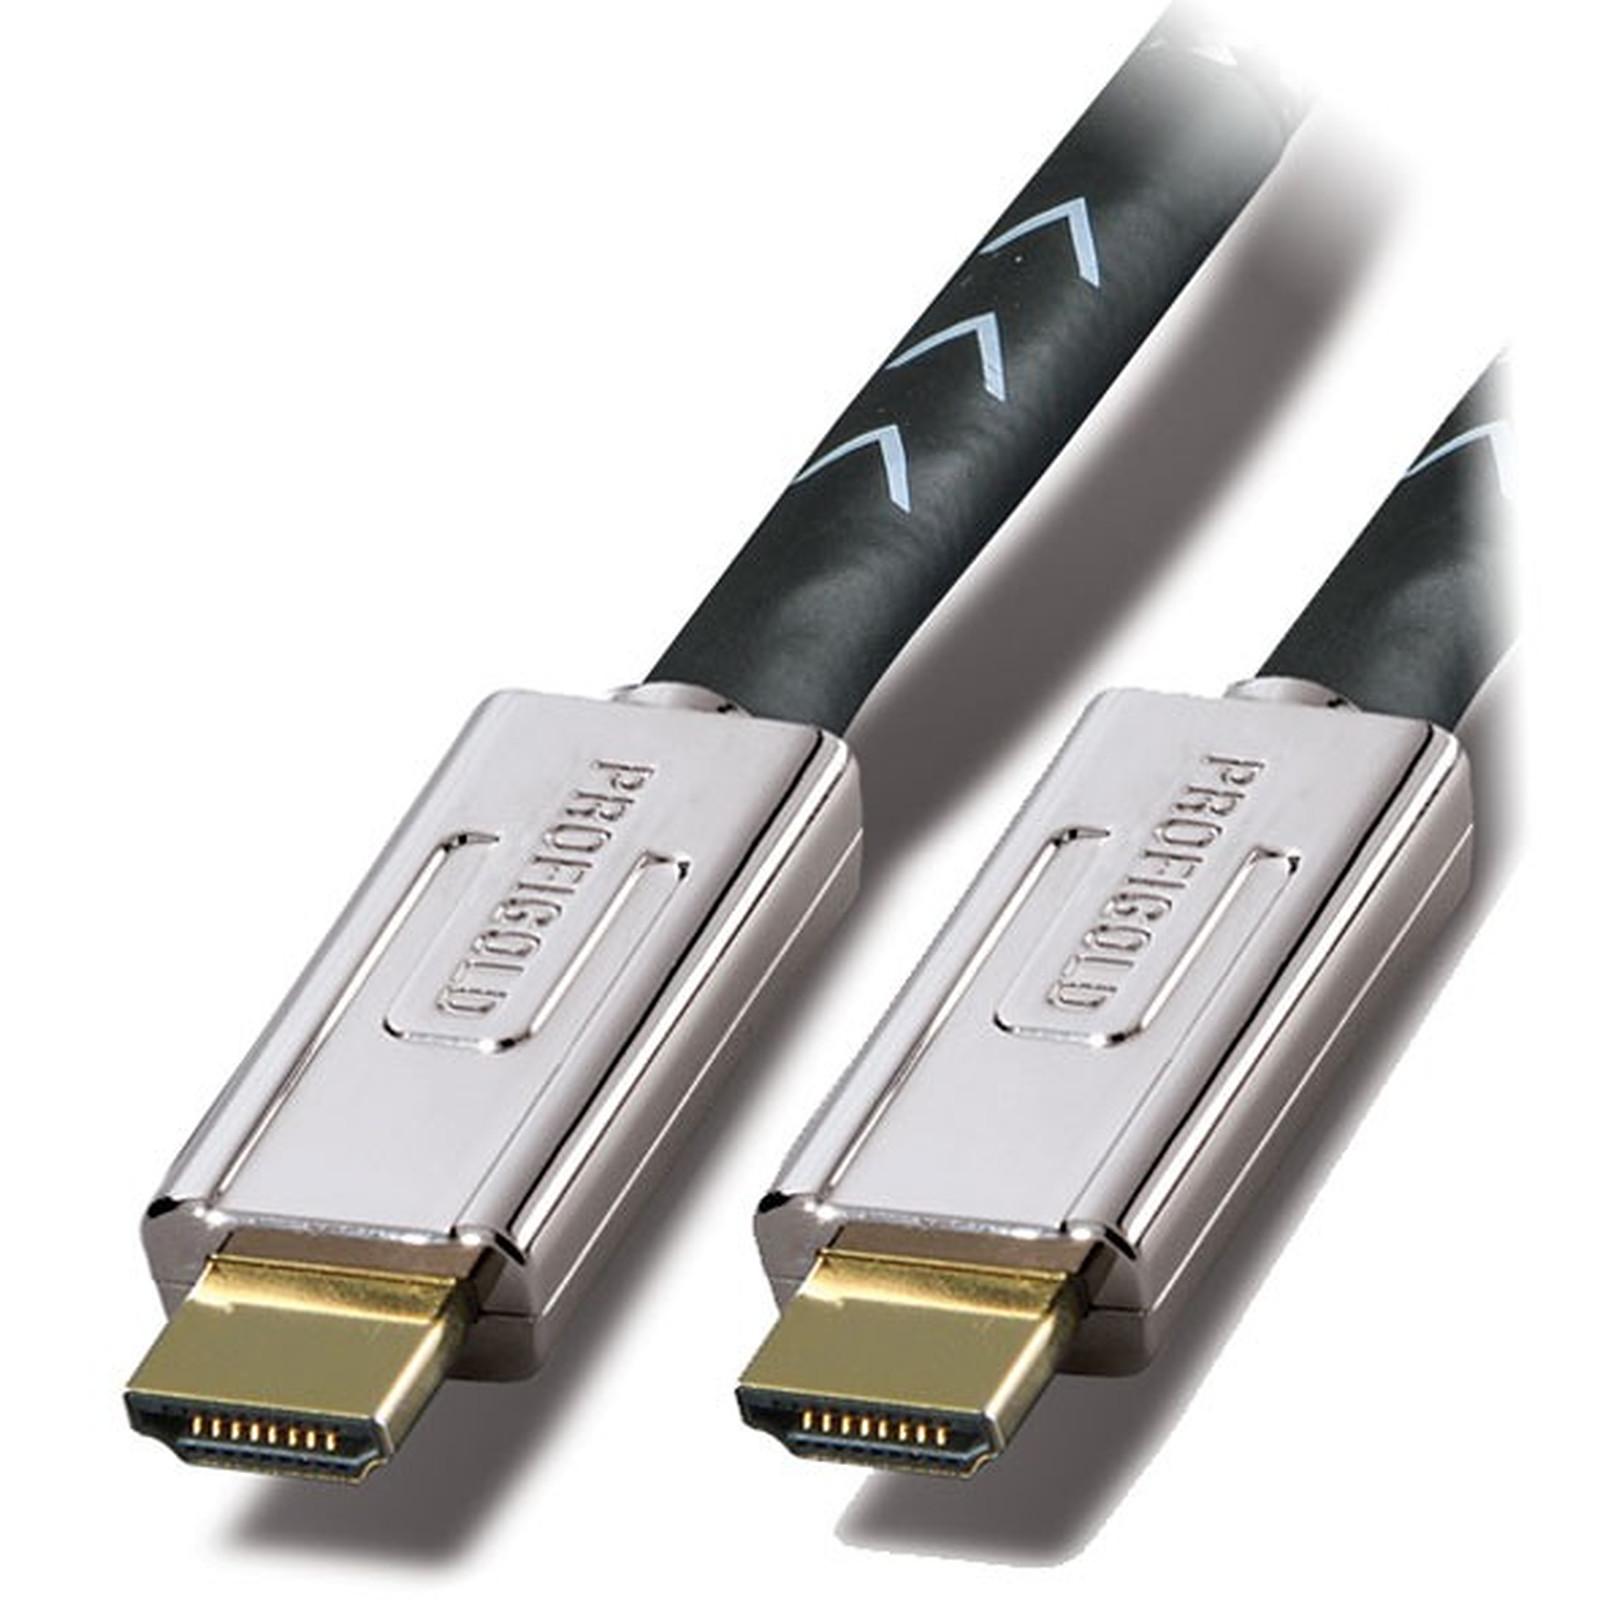 Oxypure OXYV1201 - Câble HDMI 1.4 High Speed mâle / mâle (1 mètre)